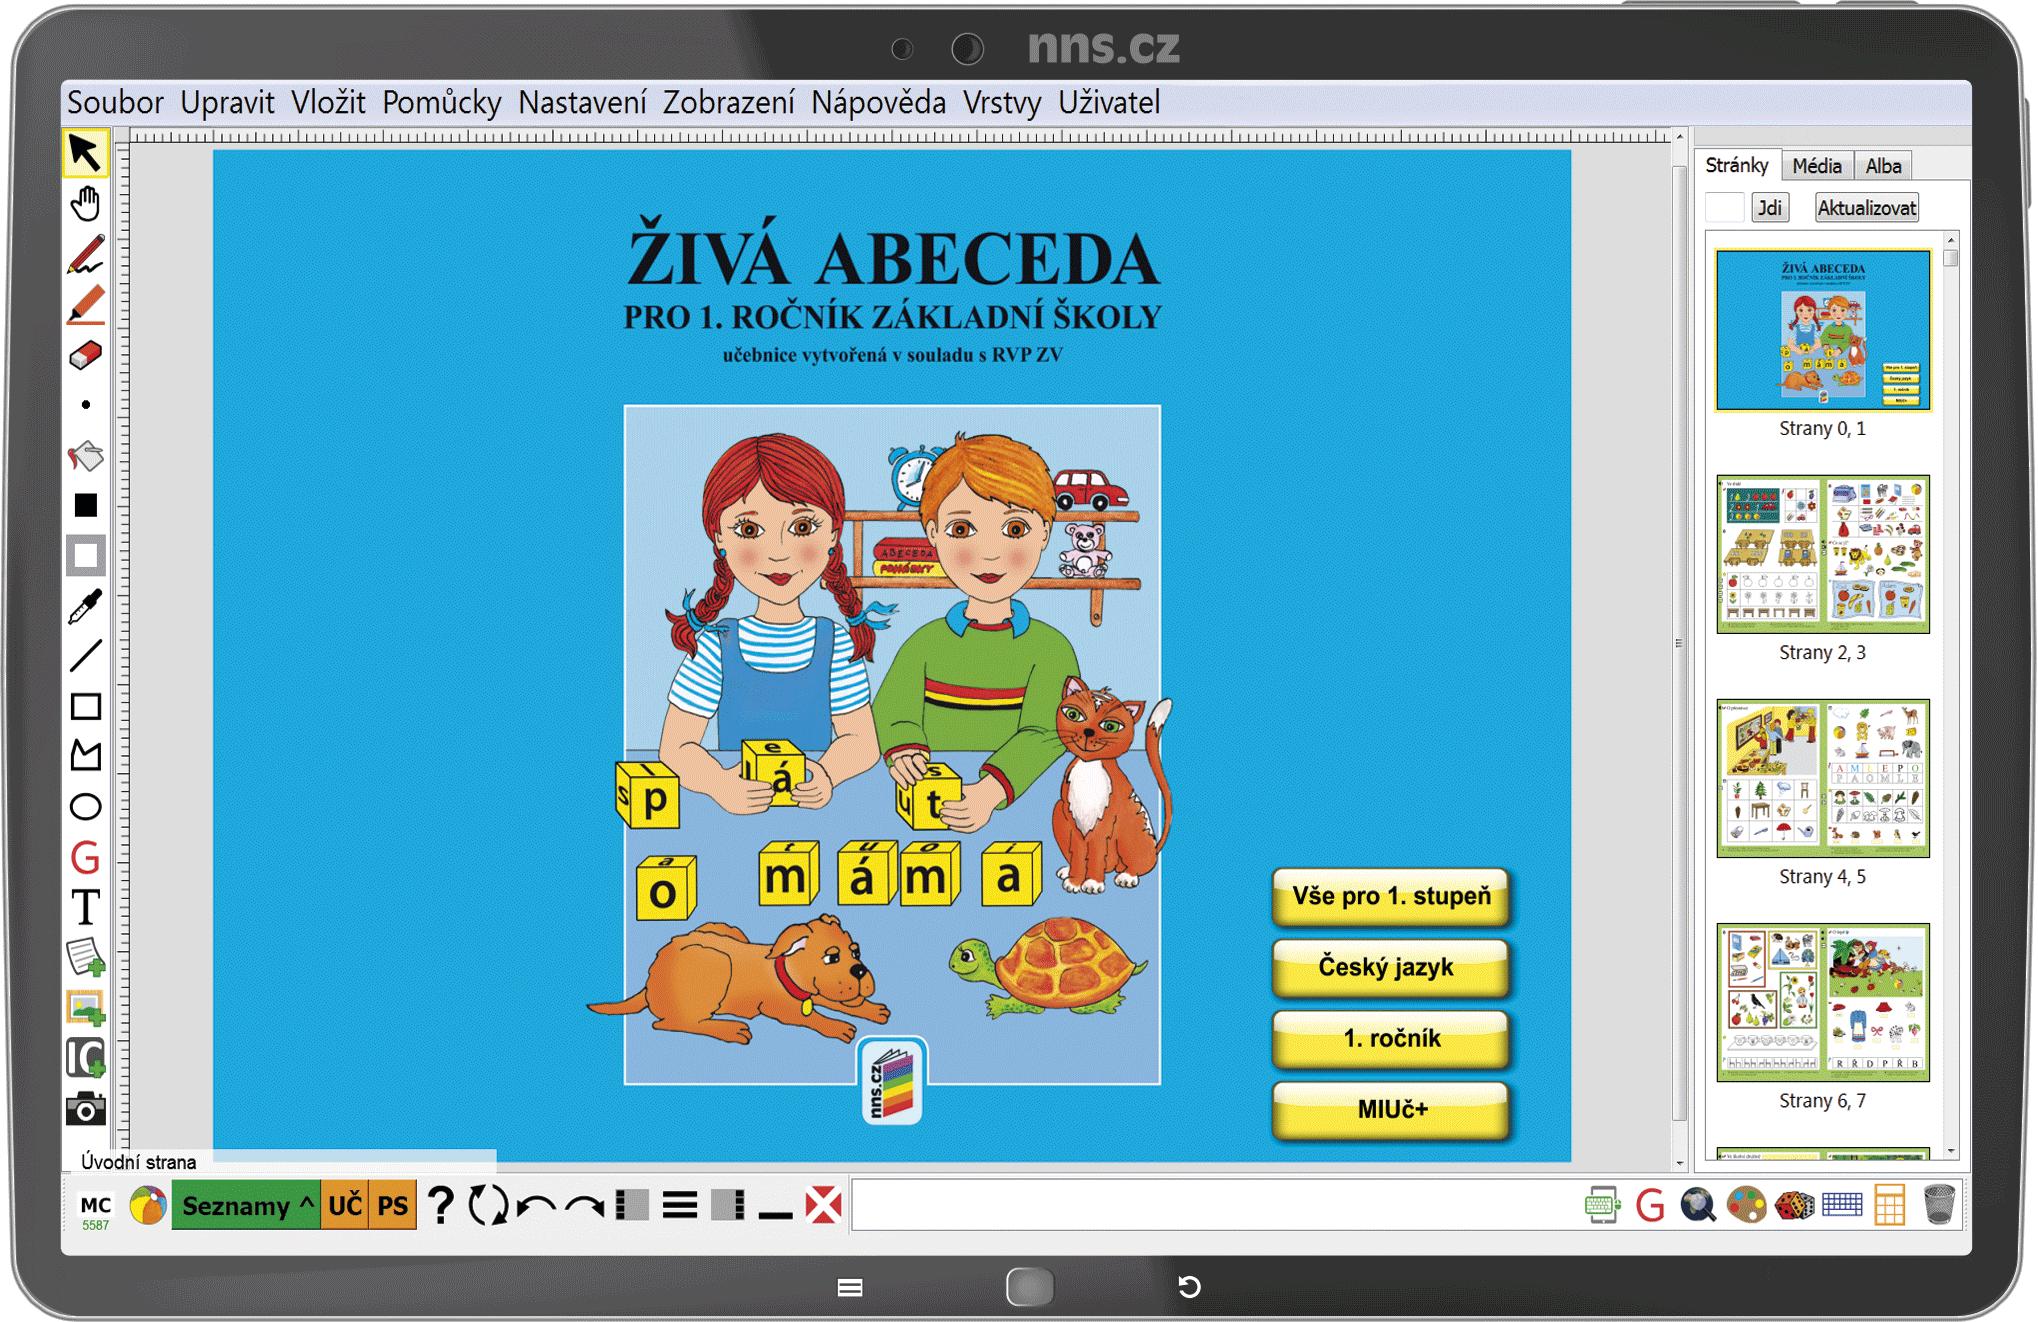 MIUč+ Živá abeceda, Slabikář, Písanky (sada) – Píšeme tiskacím písmem – školní licence pro 1 uči